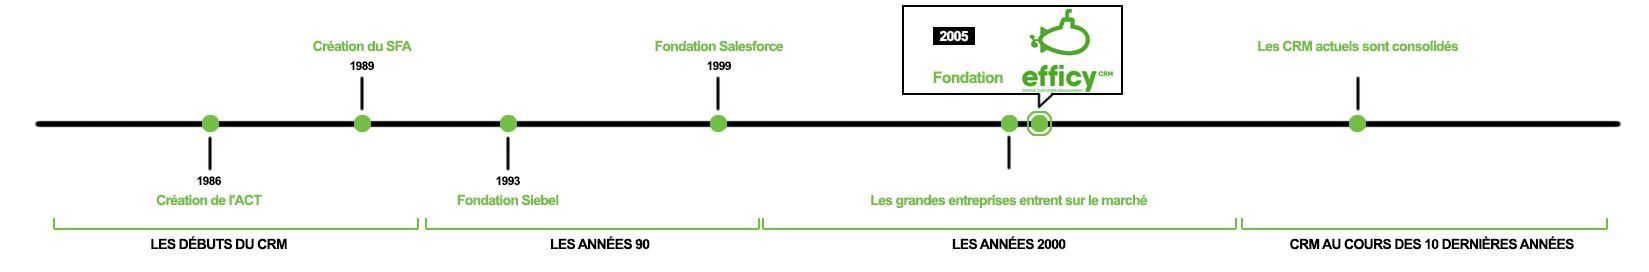 Histoire du CRM